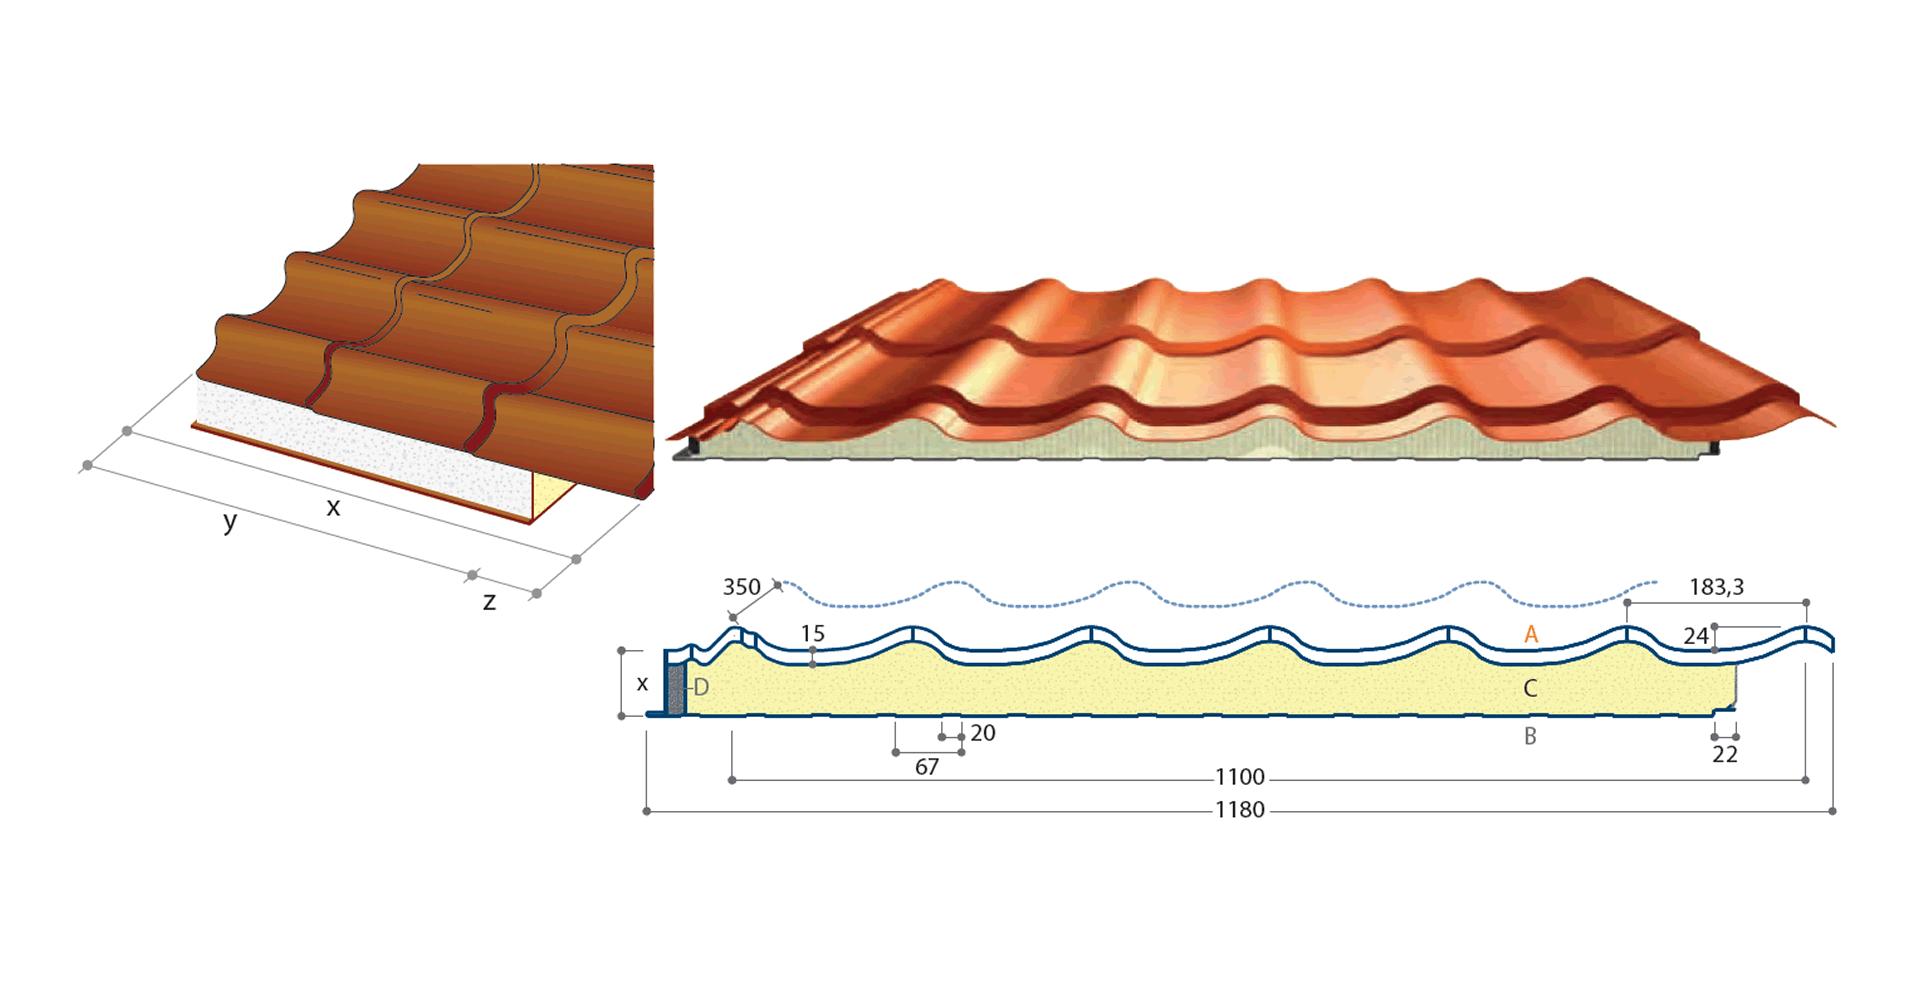 geisoleerde dakpanplaten kopen